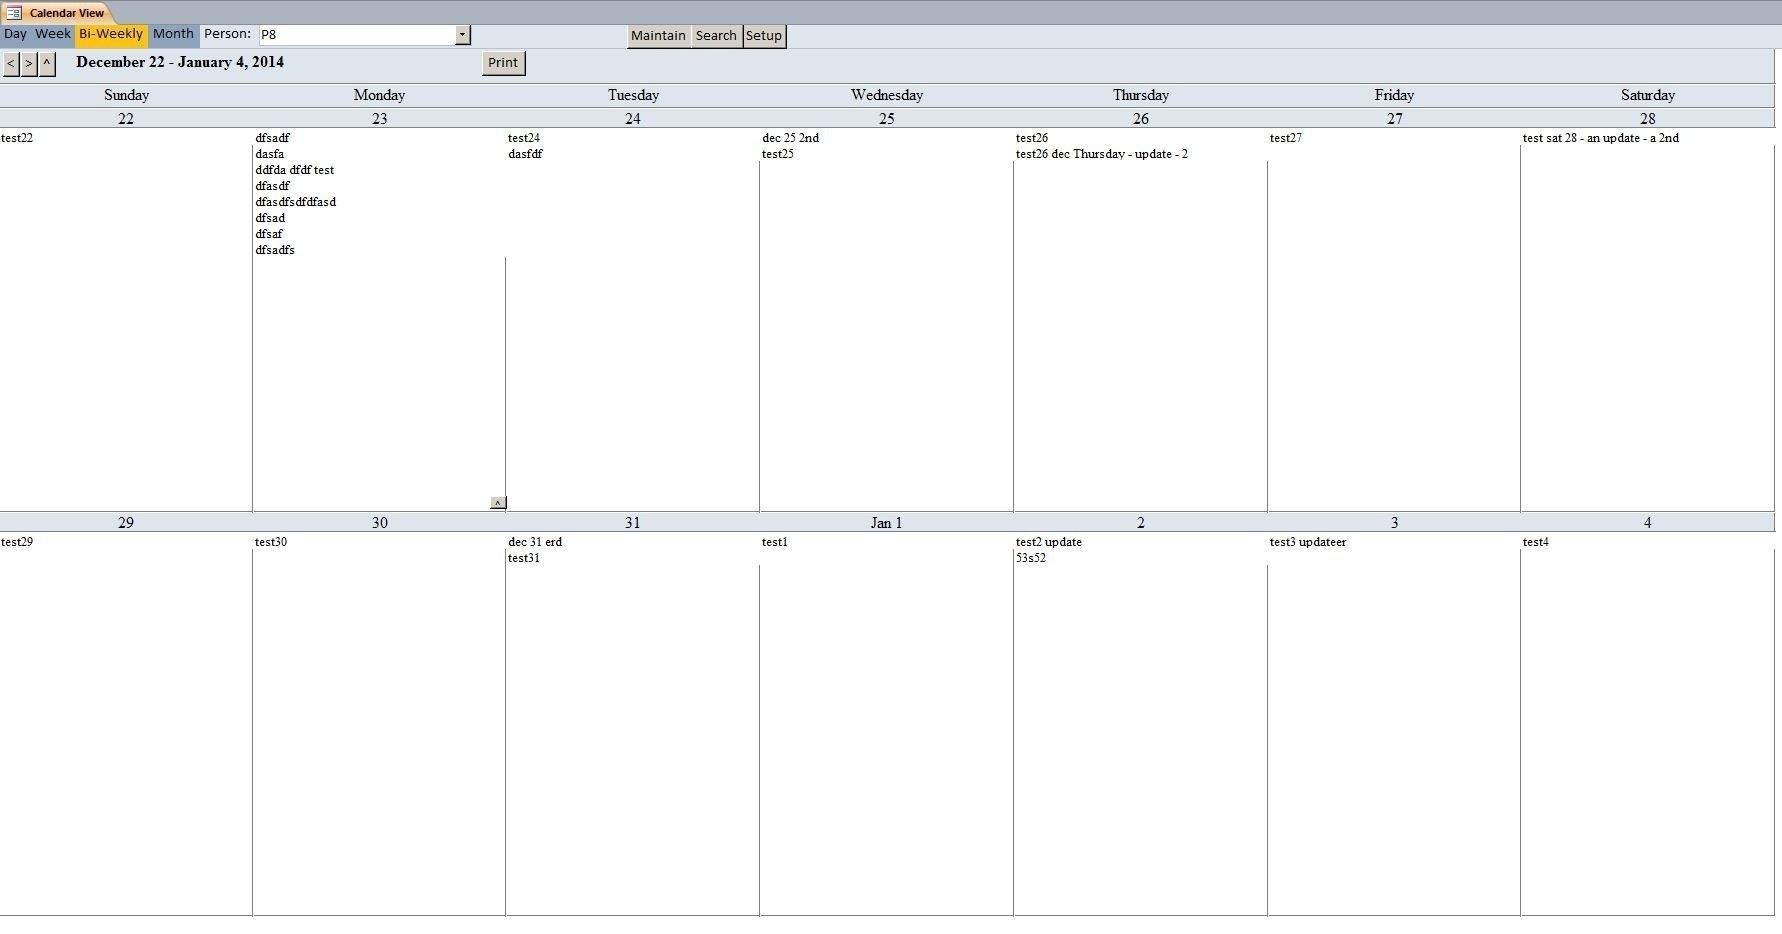 011 Two Week Printable Calendar Template Stupendous Ideas Print 2 inside Print A Two Week Calendar